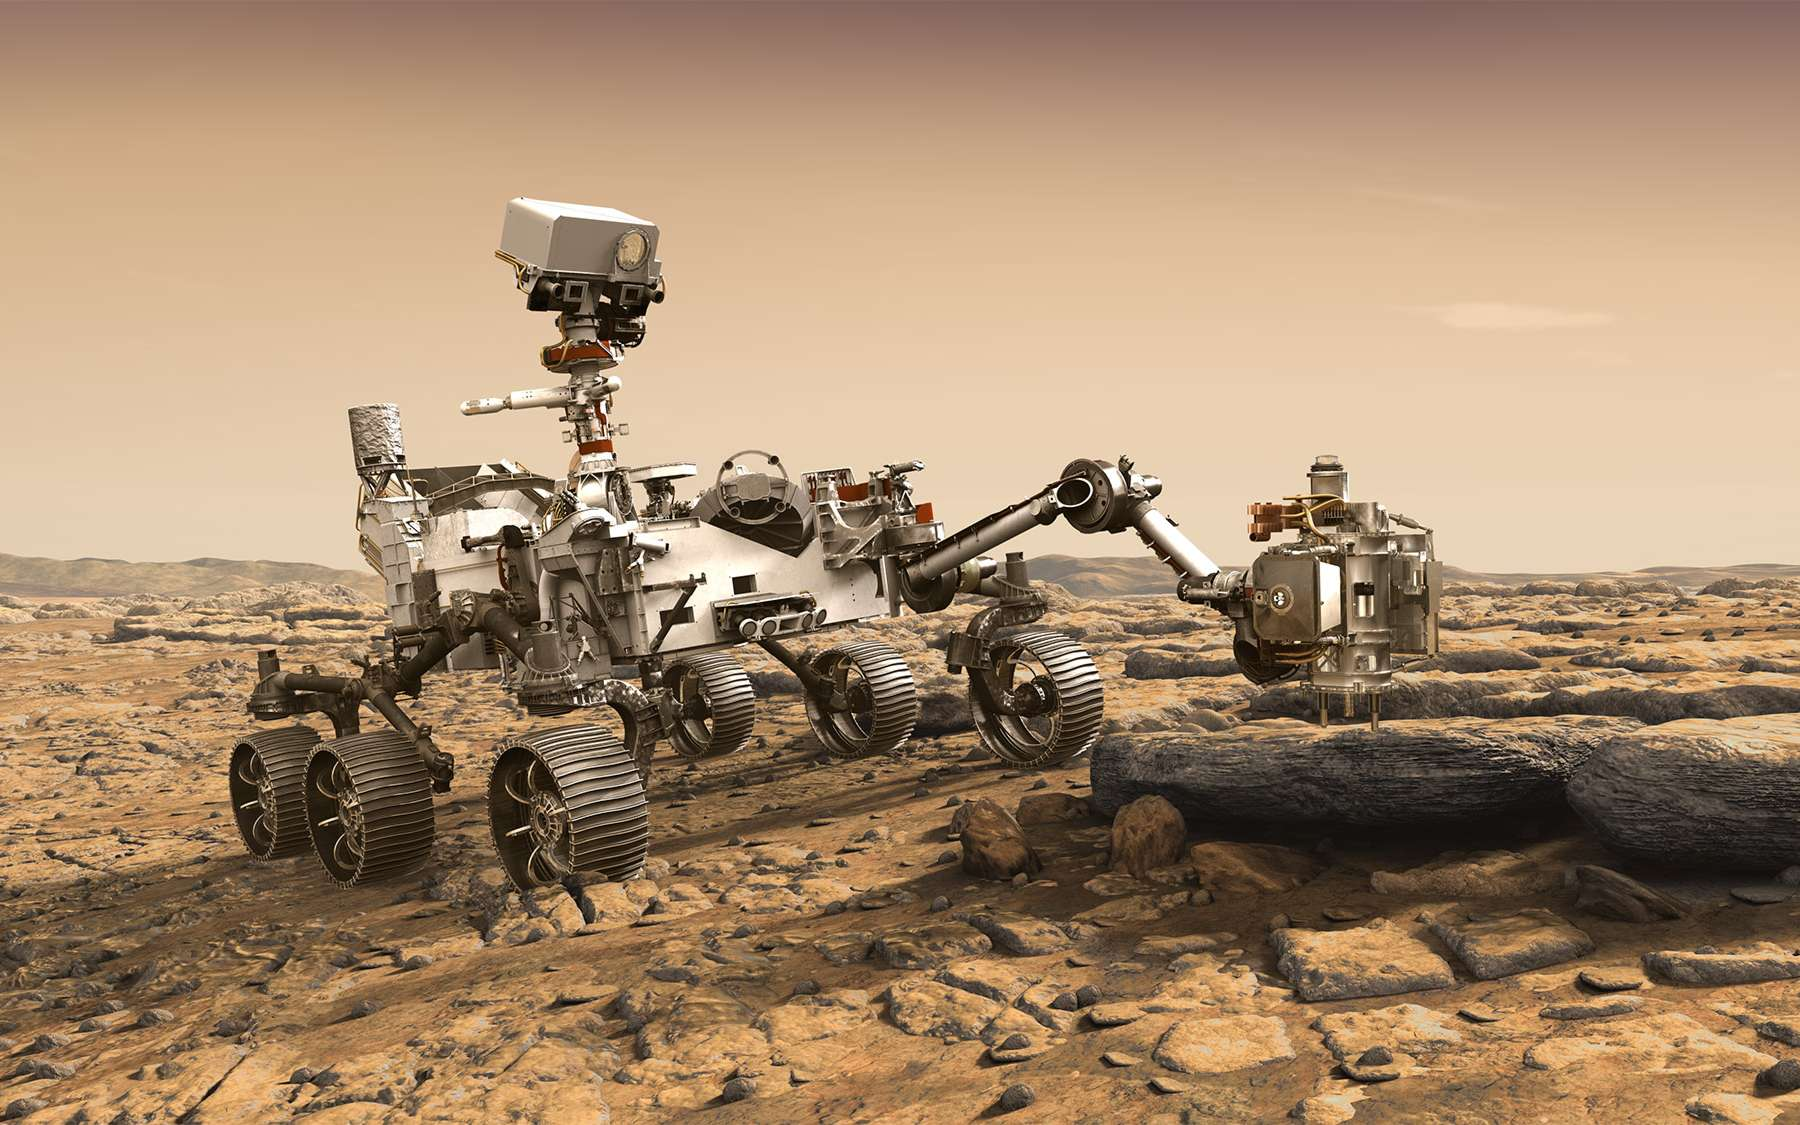 Le rover 2020 est à 85 % identique que celui de Curiosity mais avec de nombreuses améliorations et de nouveaux instruments. Ses investigations ne seront pas les mêmes que celles de son prédécesseur, toujours en activité dans le cratère Gale. © Nasa, JPL-Caltech